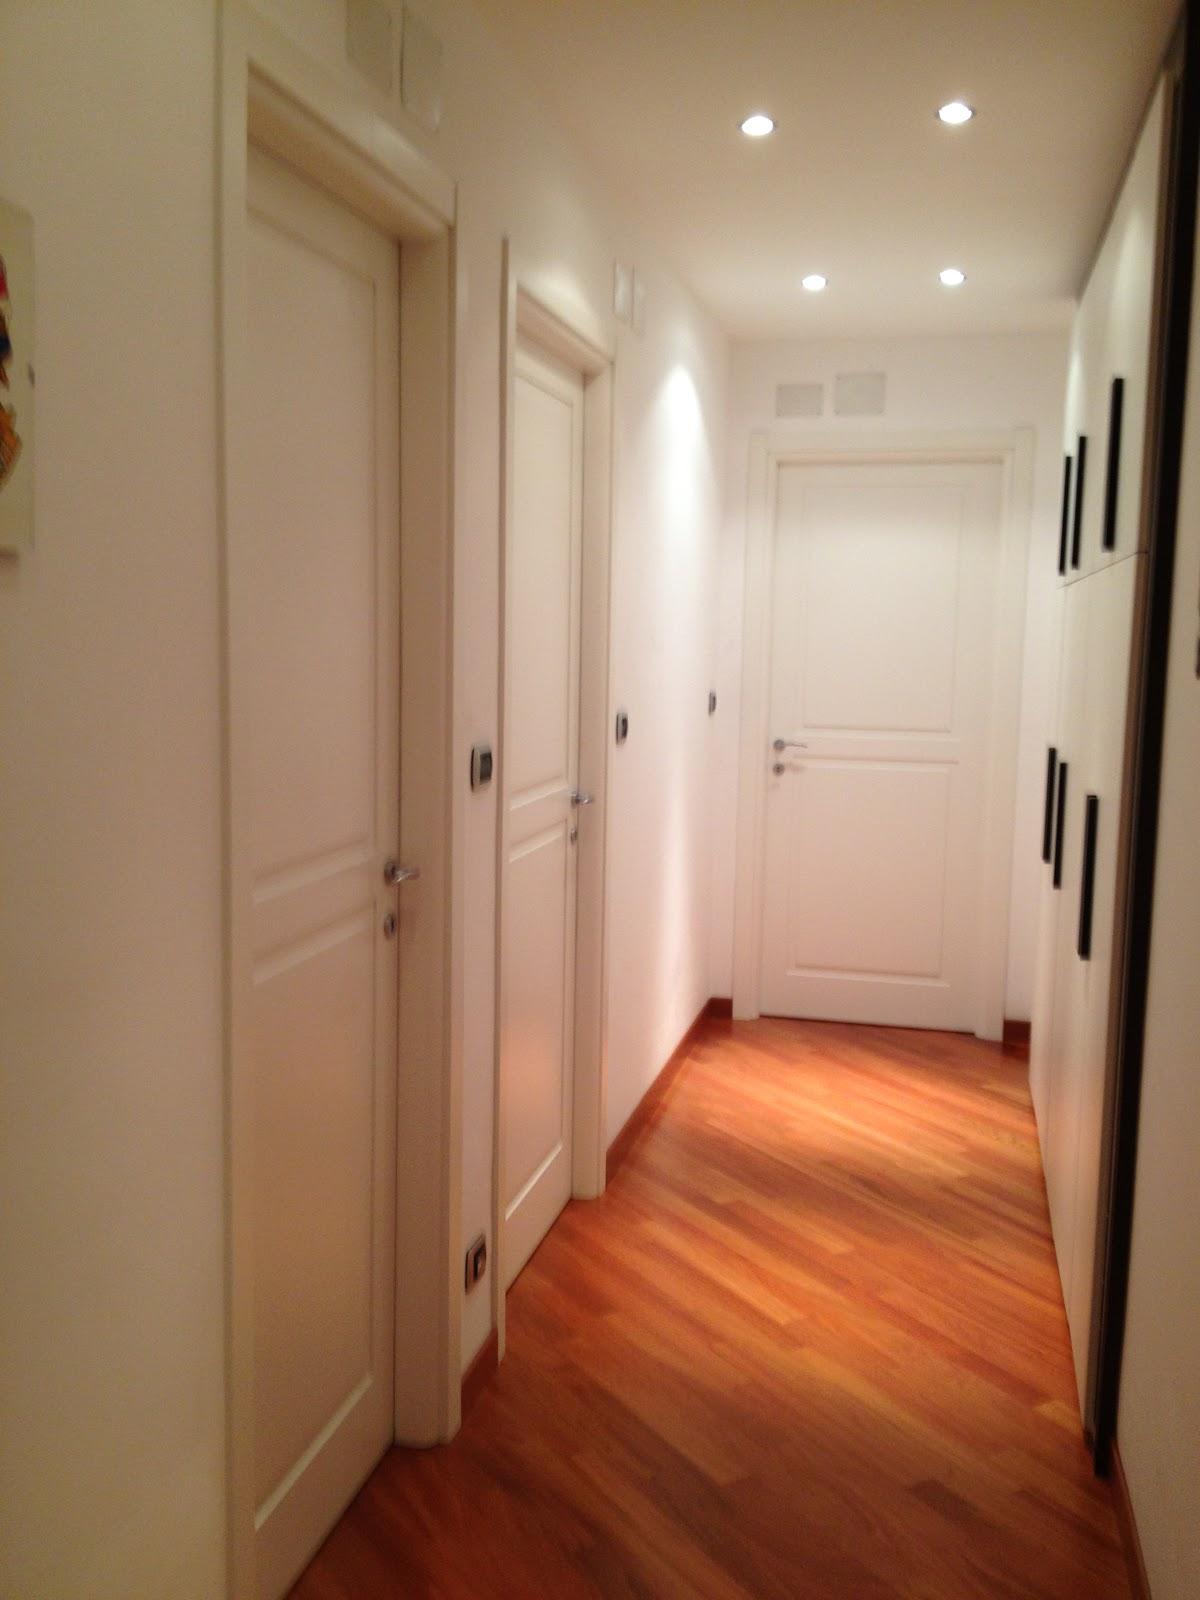 Forum aiuto scelta porte interne per casa for Porte della casa di tronchi